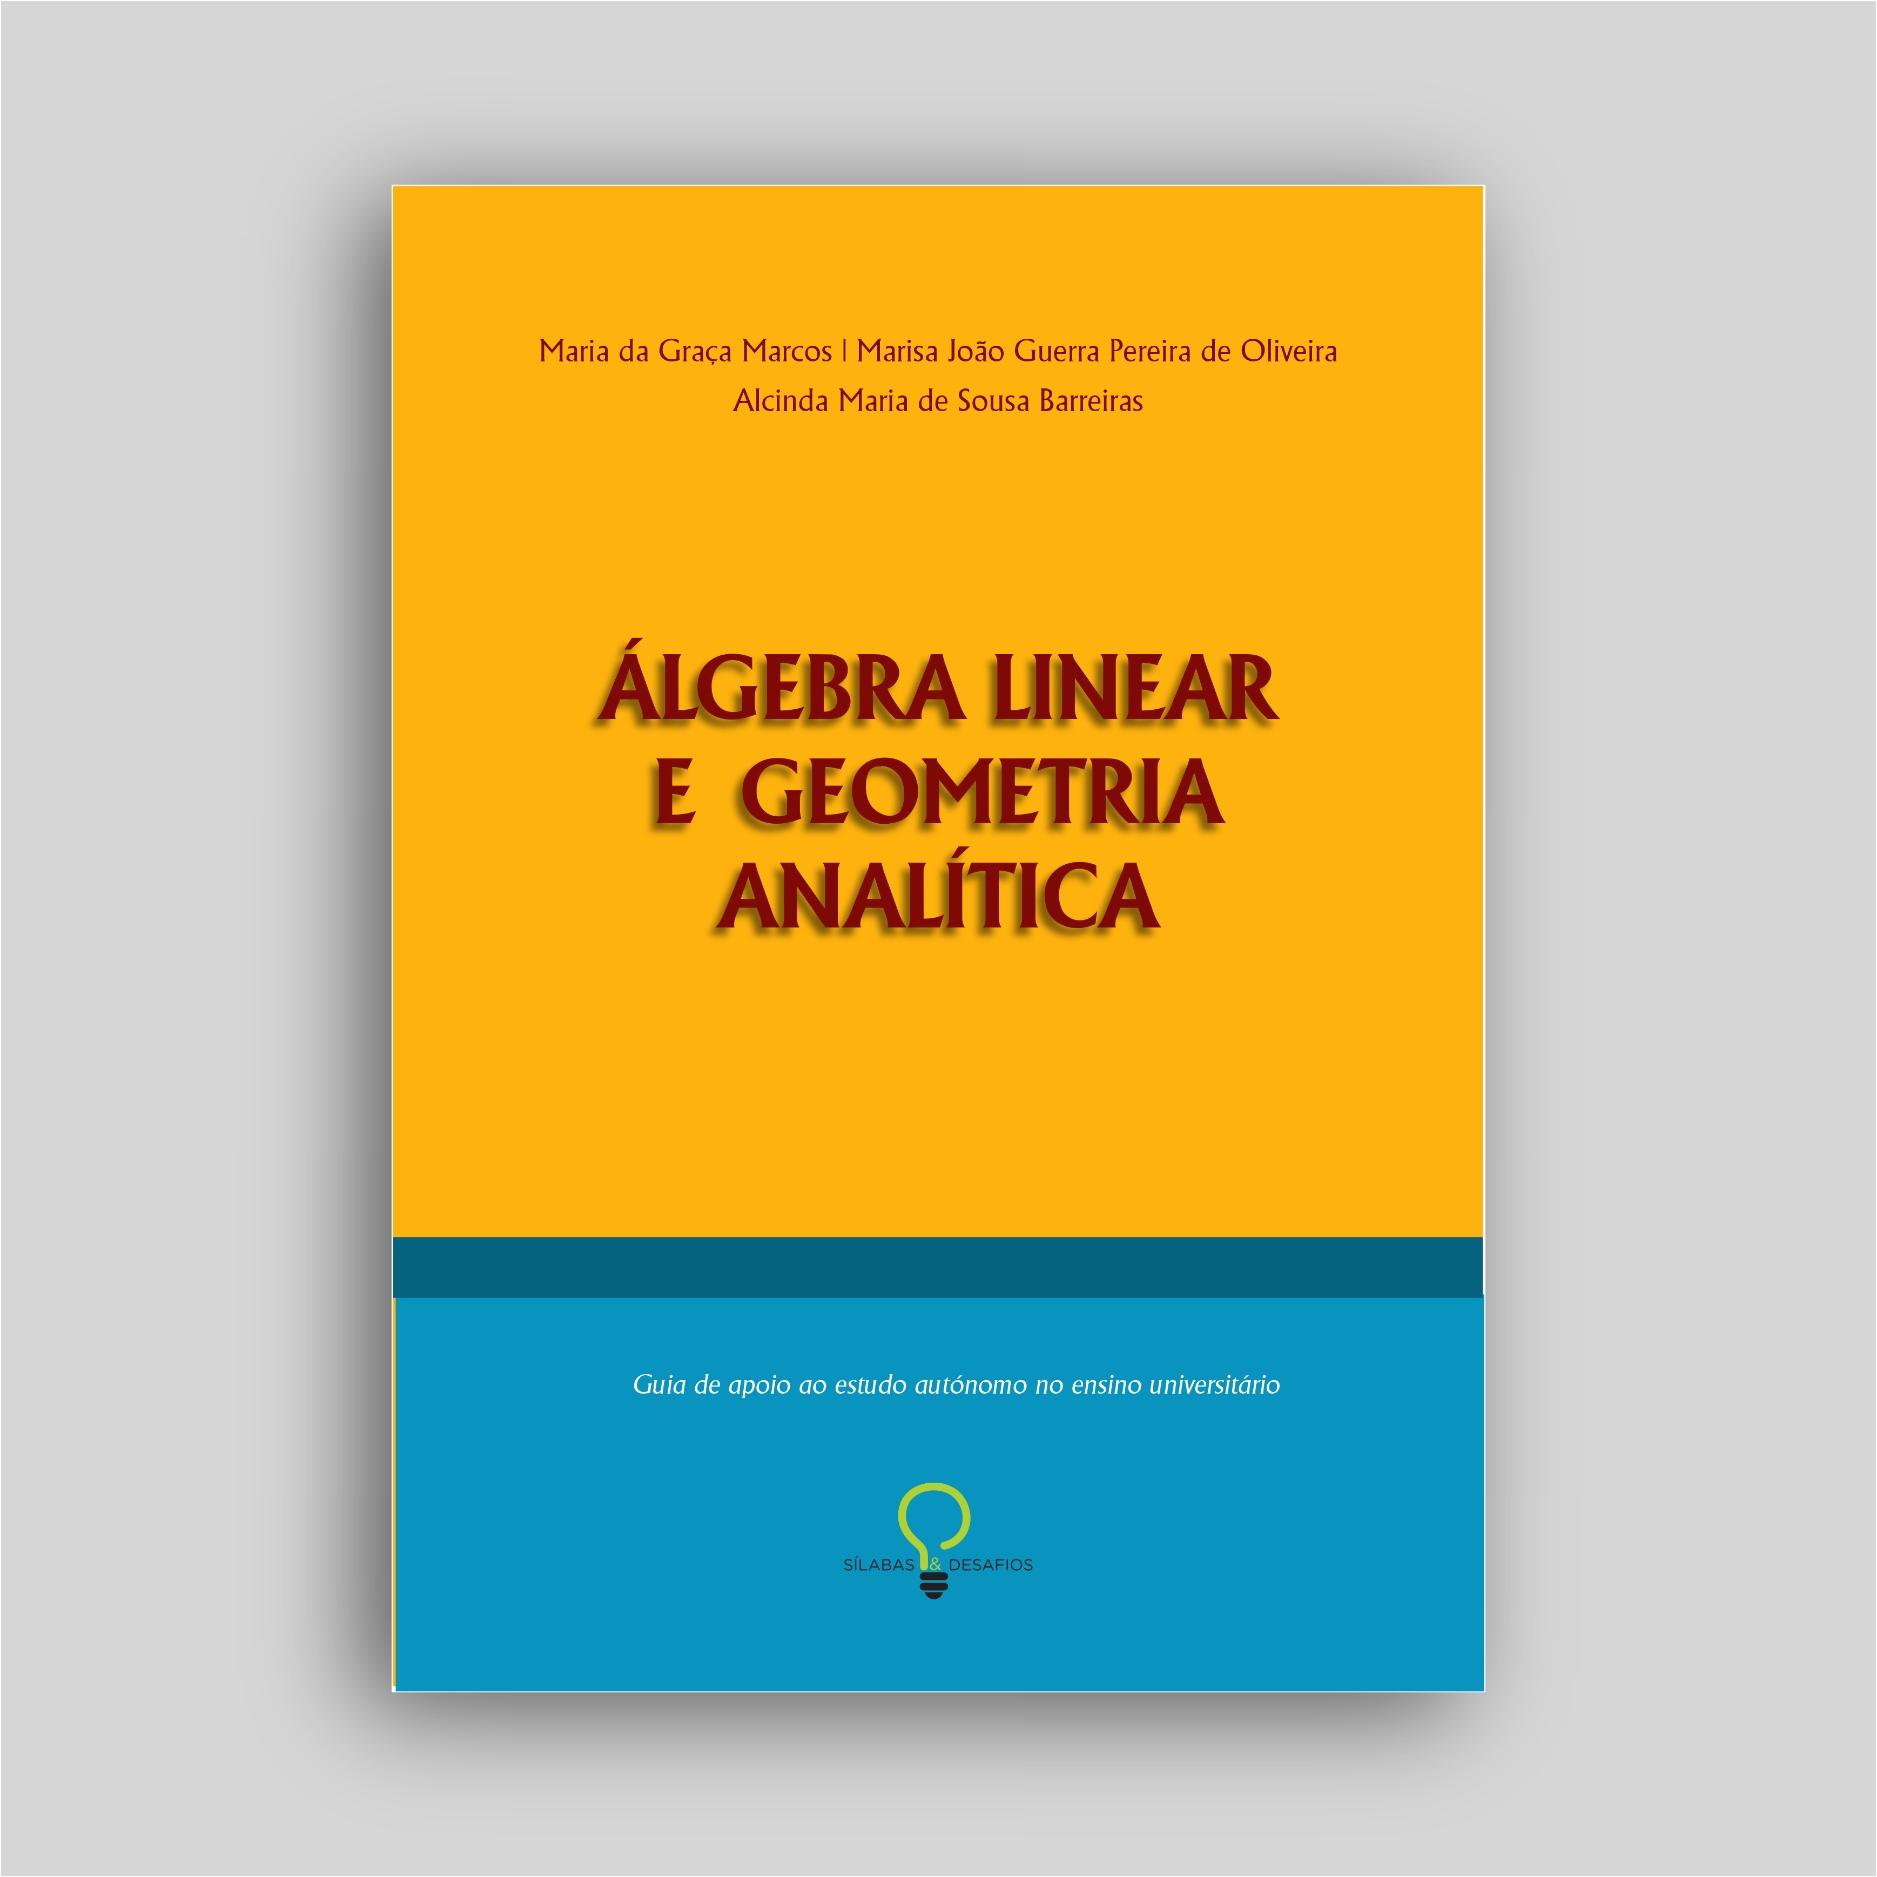 Alga_siteF